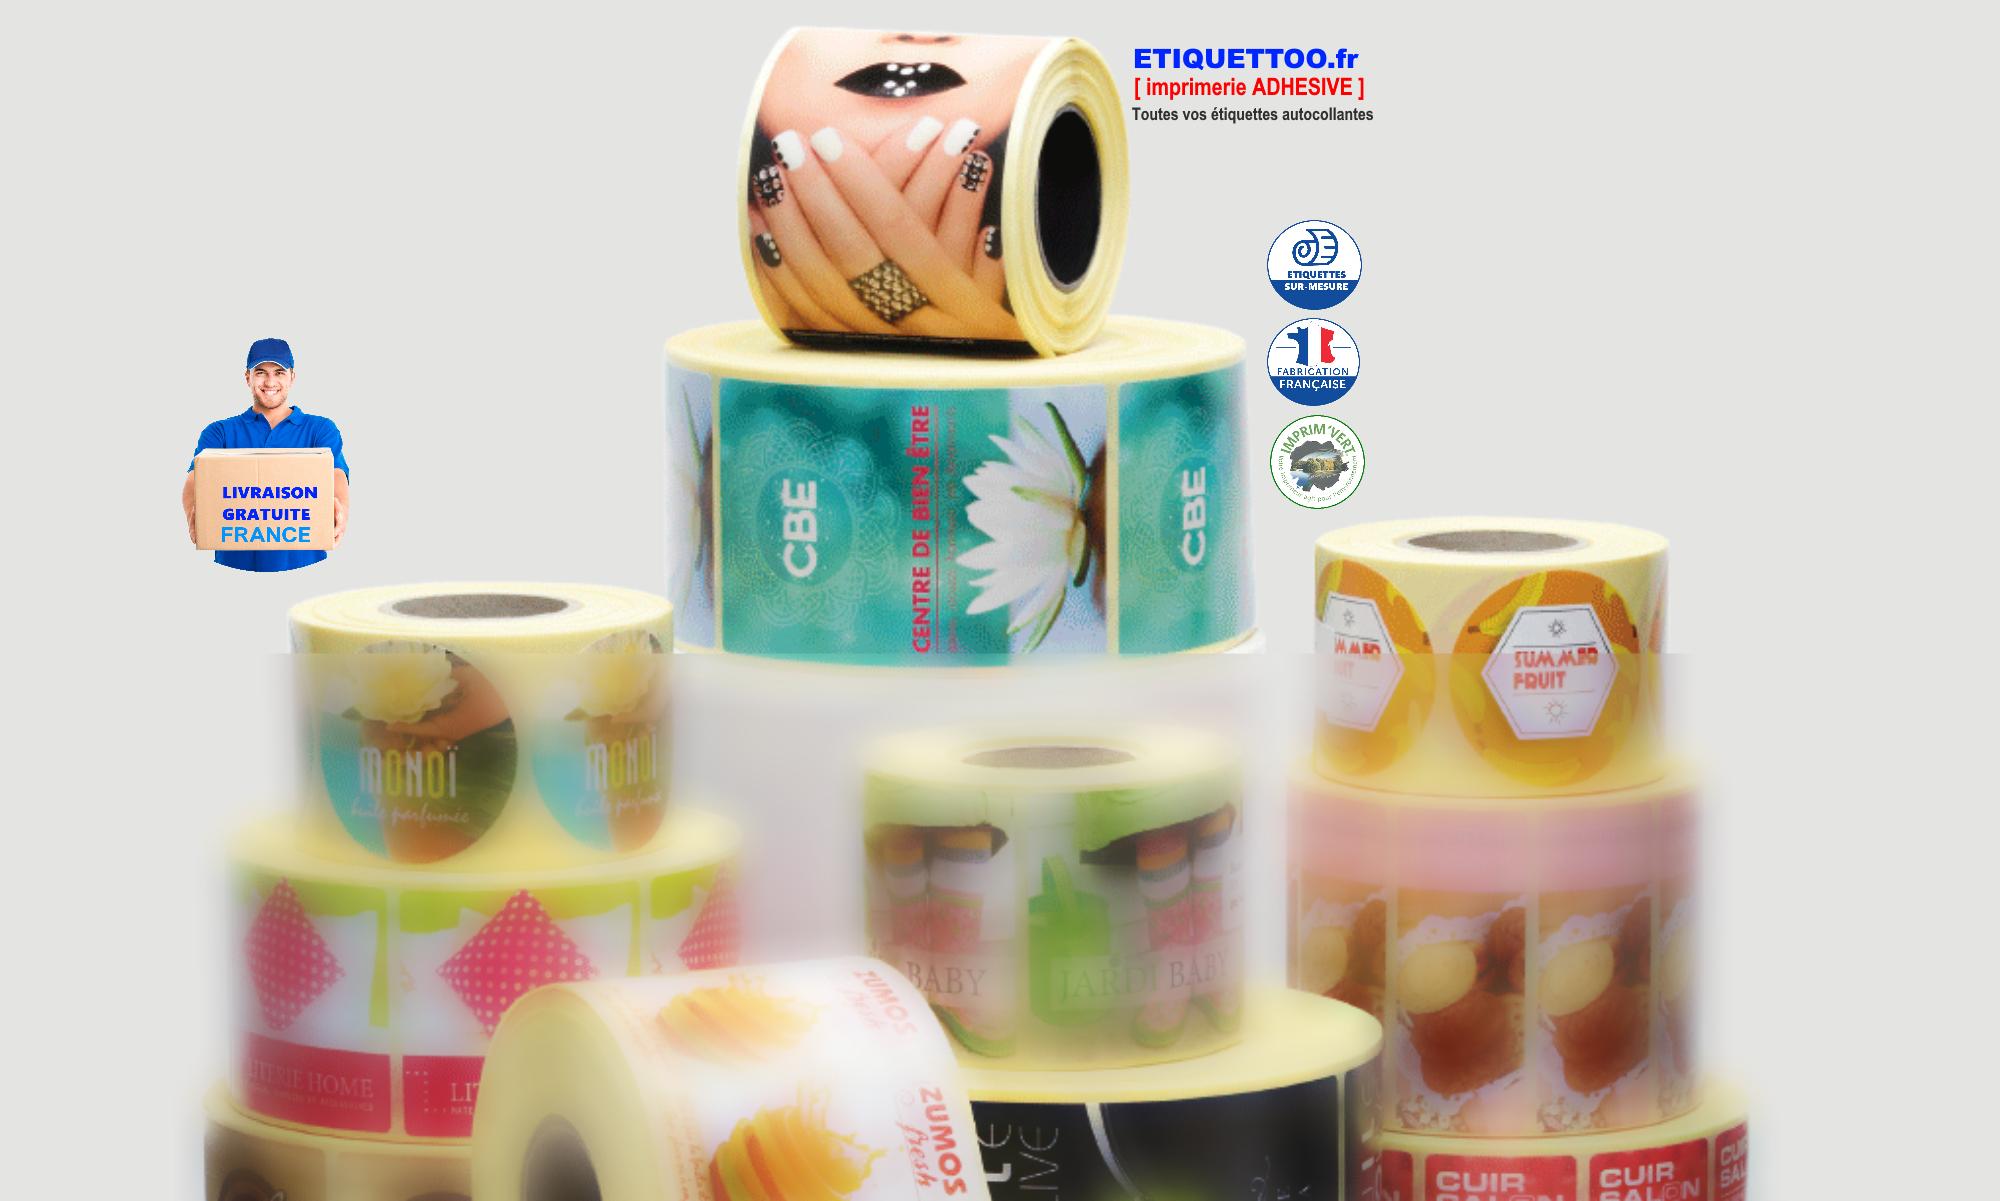 etiquettes autocollantes -imprimerie ETIQUETTOO